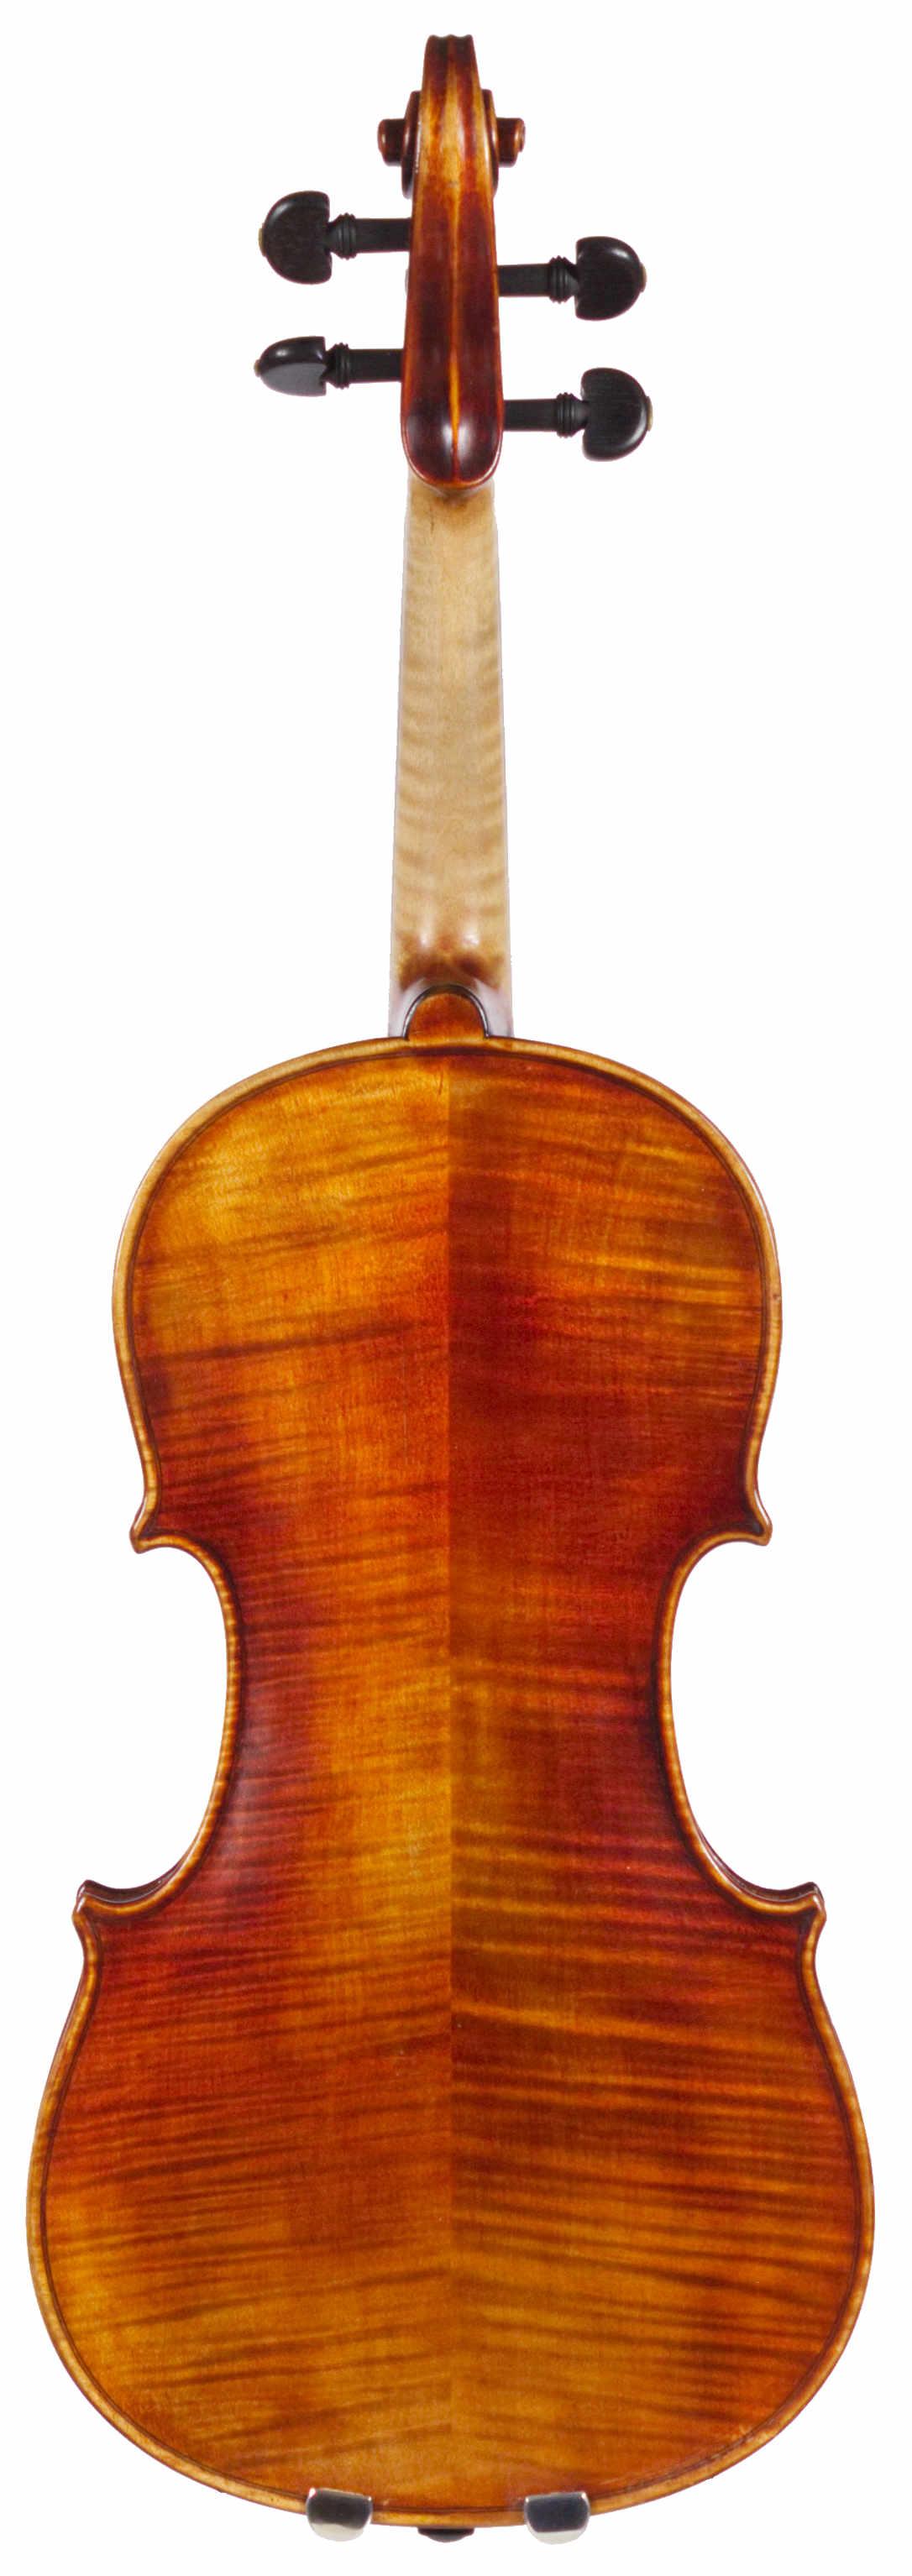 Gagliano violin